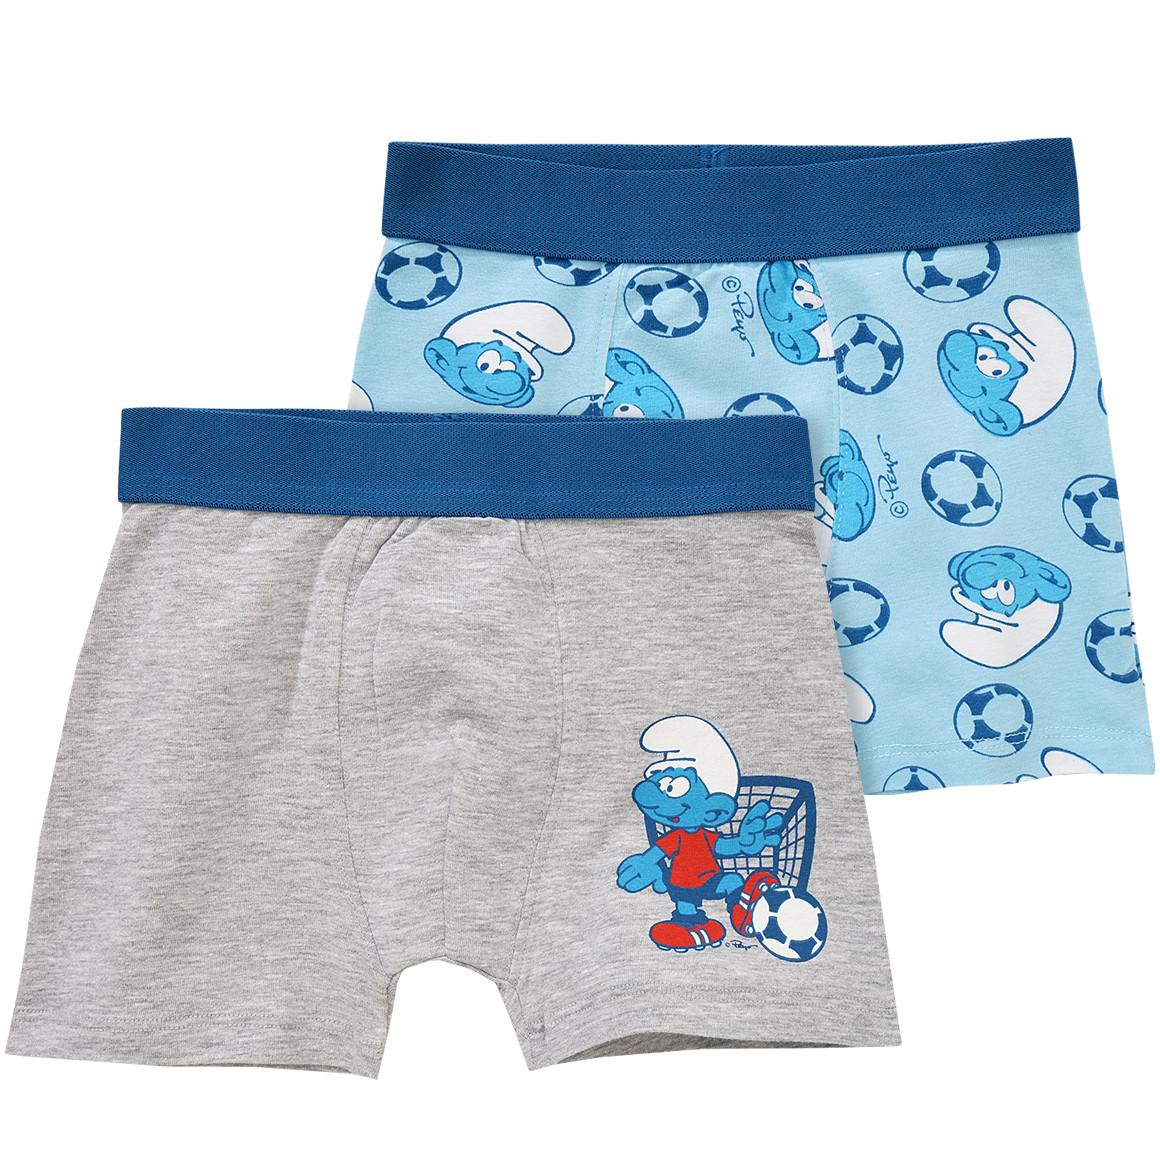 zwei boxershorts in grau und blau